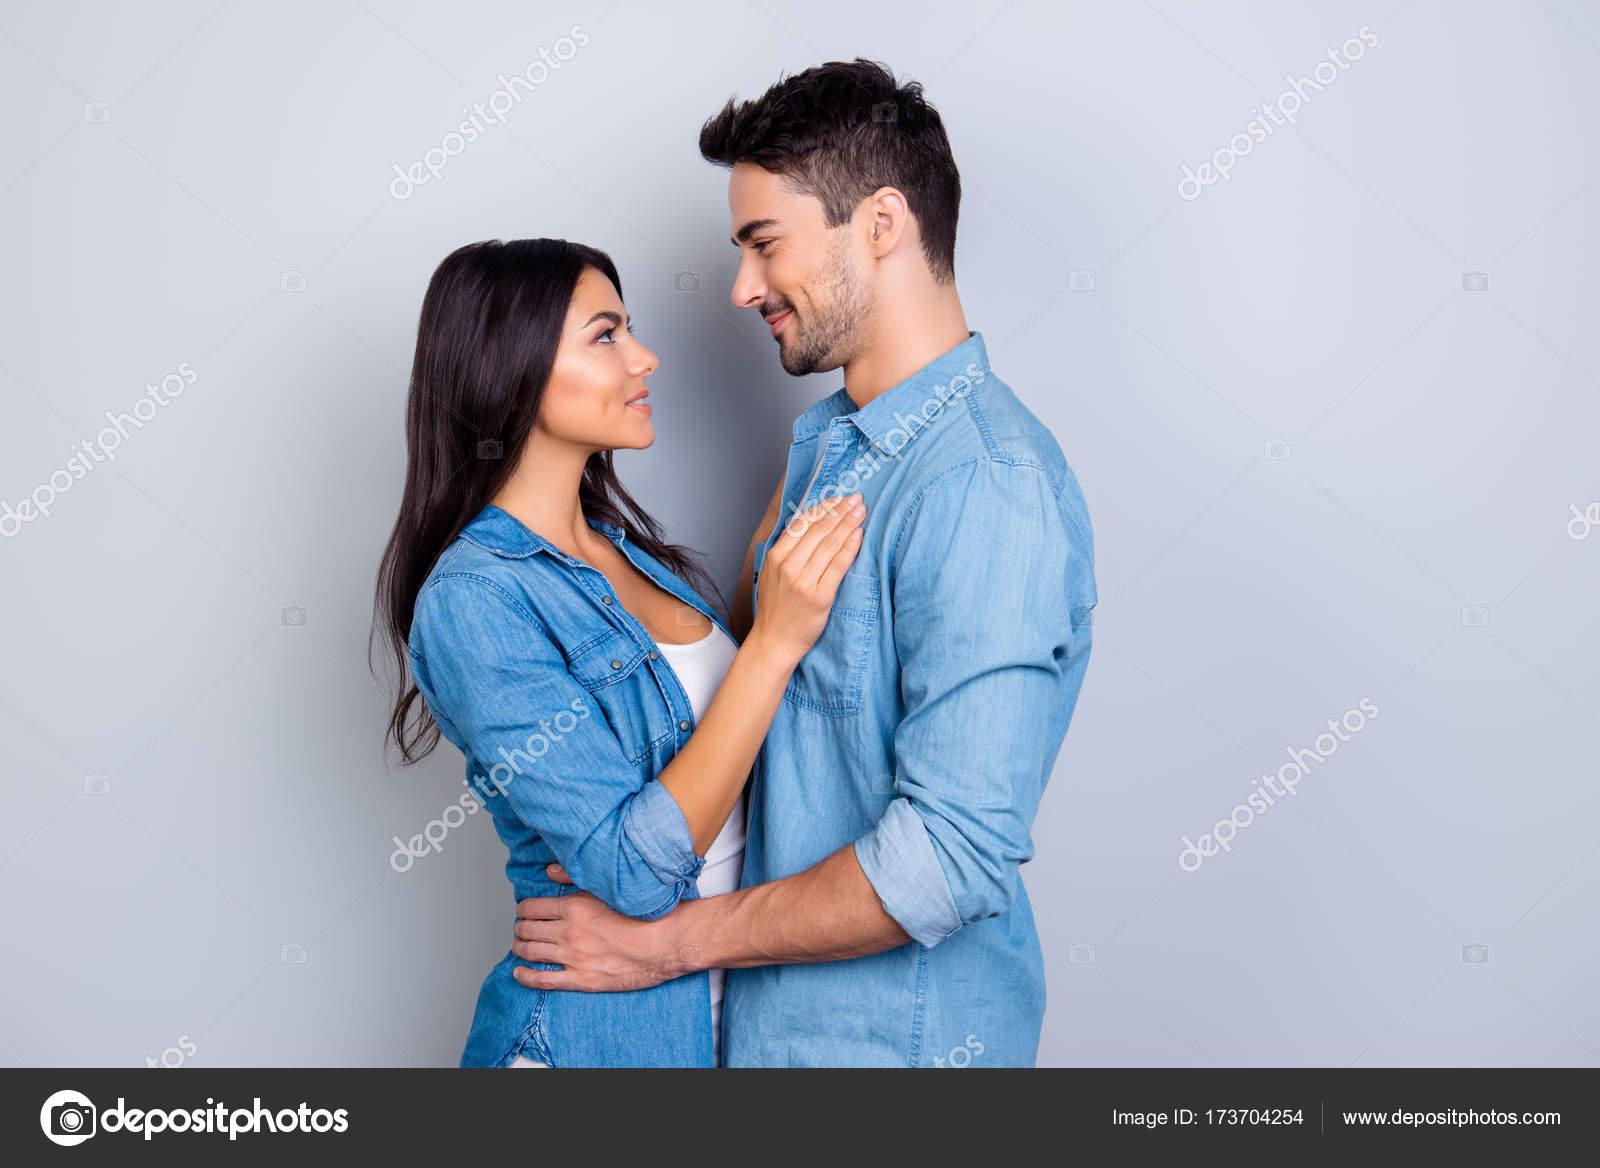 verschil tussen dating en een romantische relatie skinhead dating site Verenigd Koninkrijk